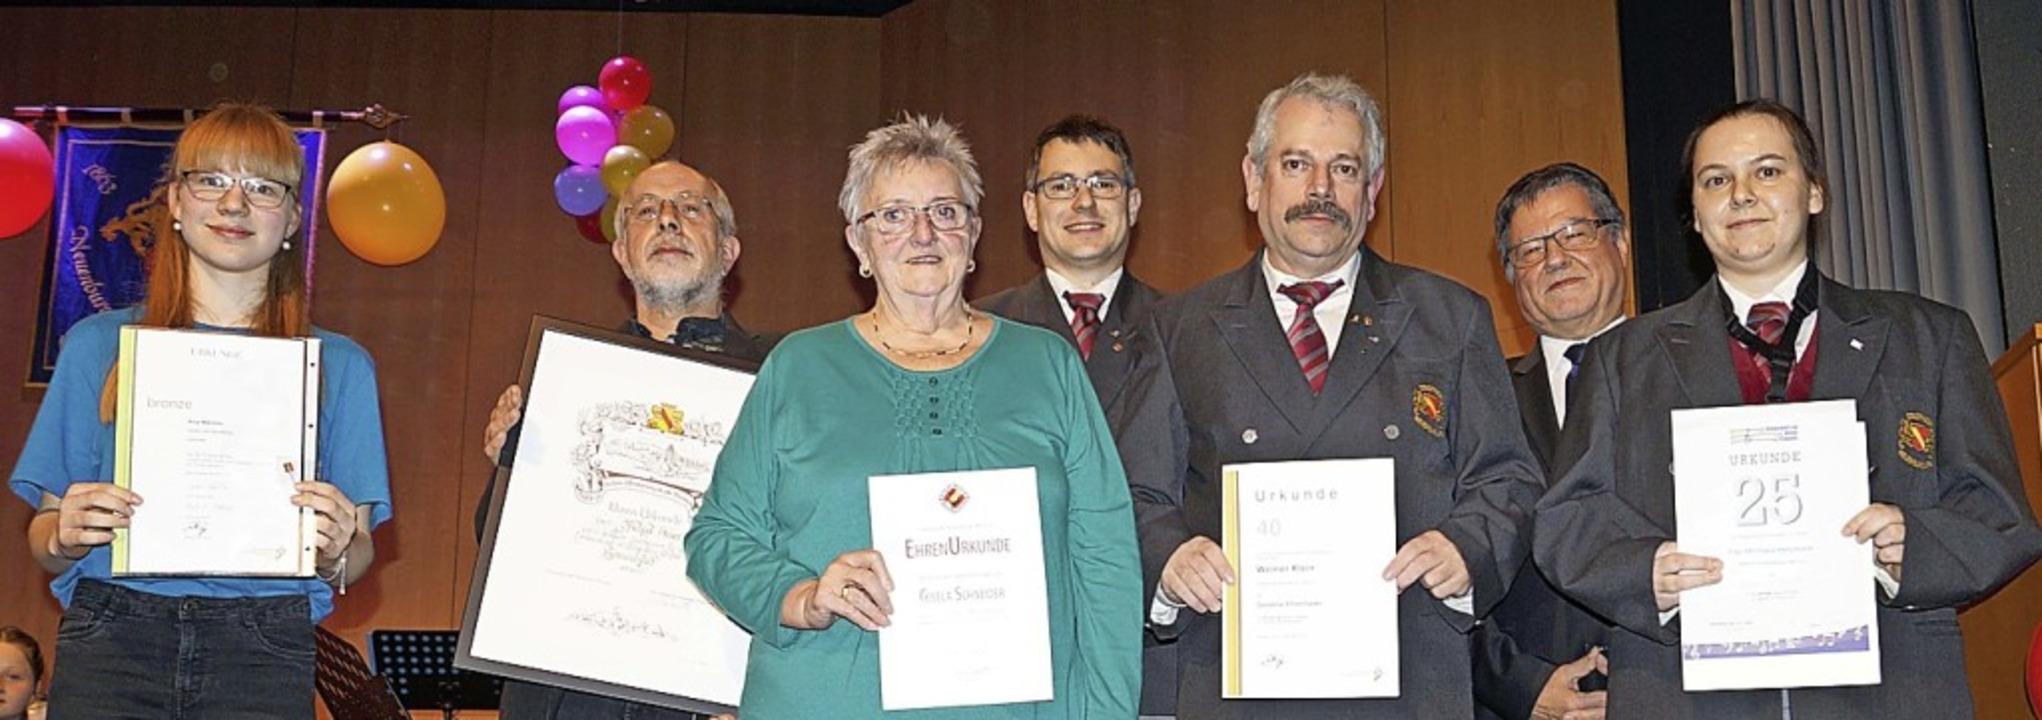 Anja Männlin, Michael Steiert, Gisela ...ger und Michaela Heitzmann (von links) | Foto: Silke Hartenstein